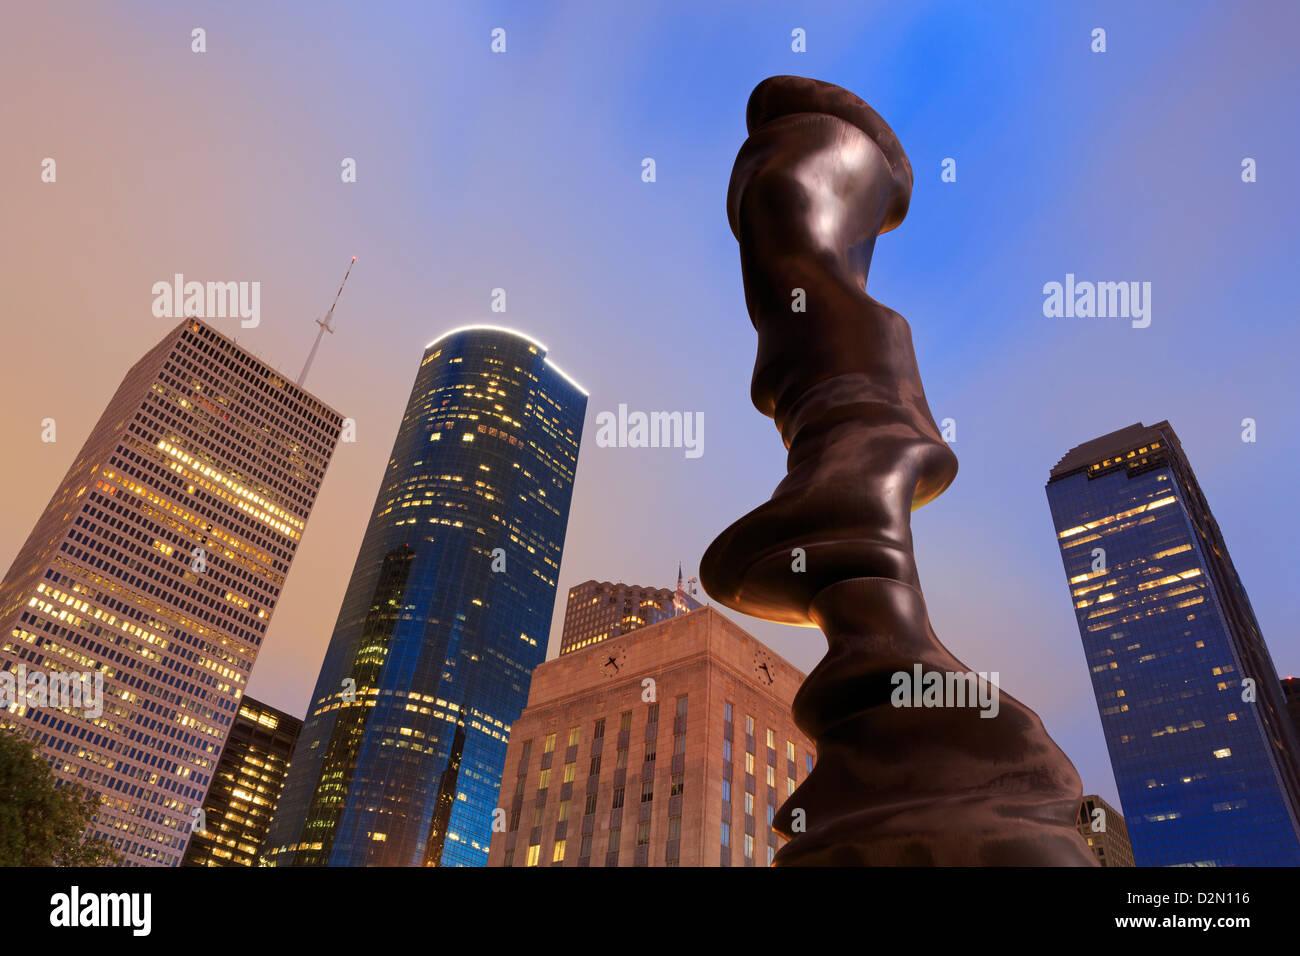 En mentes escultura de Tony Cragg, Hobby Center for the Performing Arts, de Houston, Texas, Estados Unidos de América, Imagen De Stock